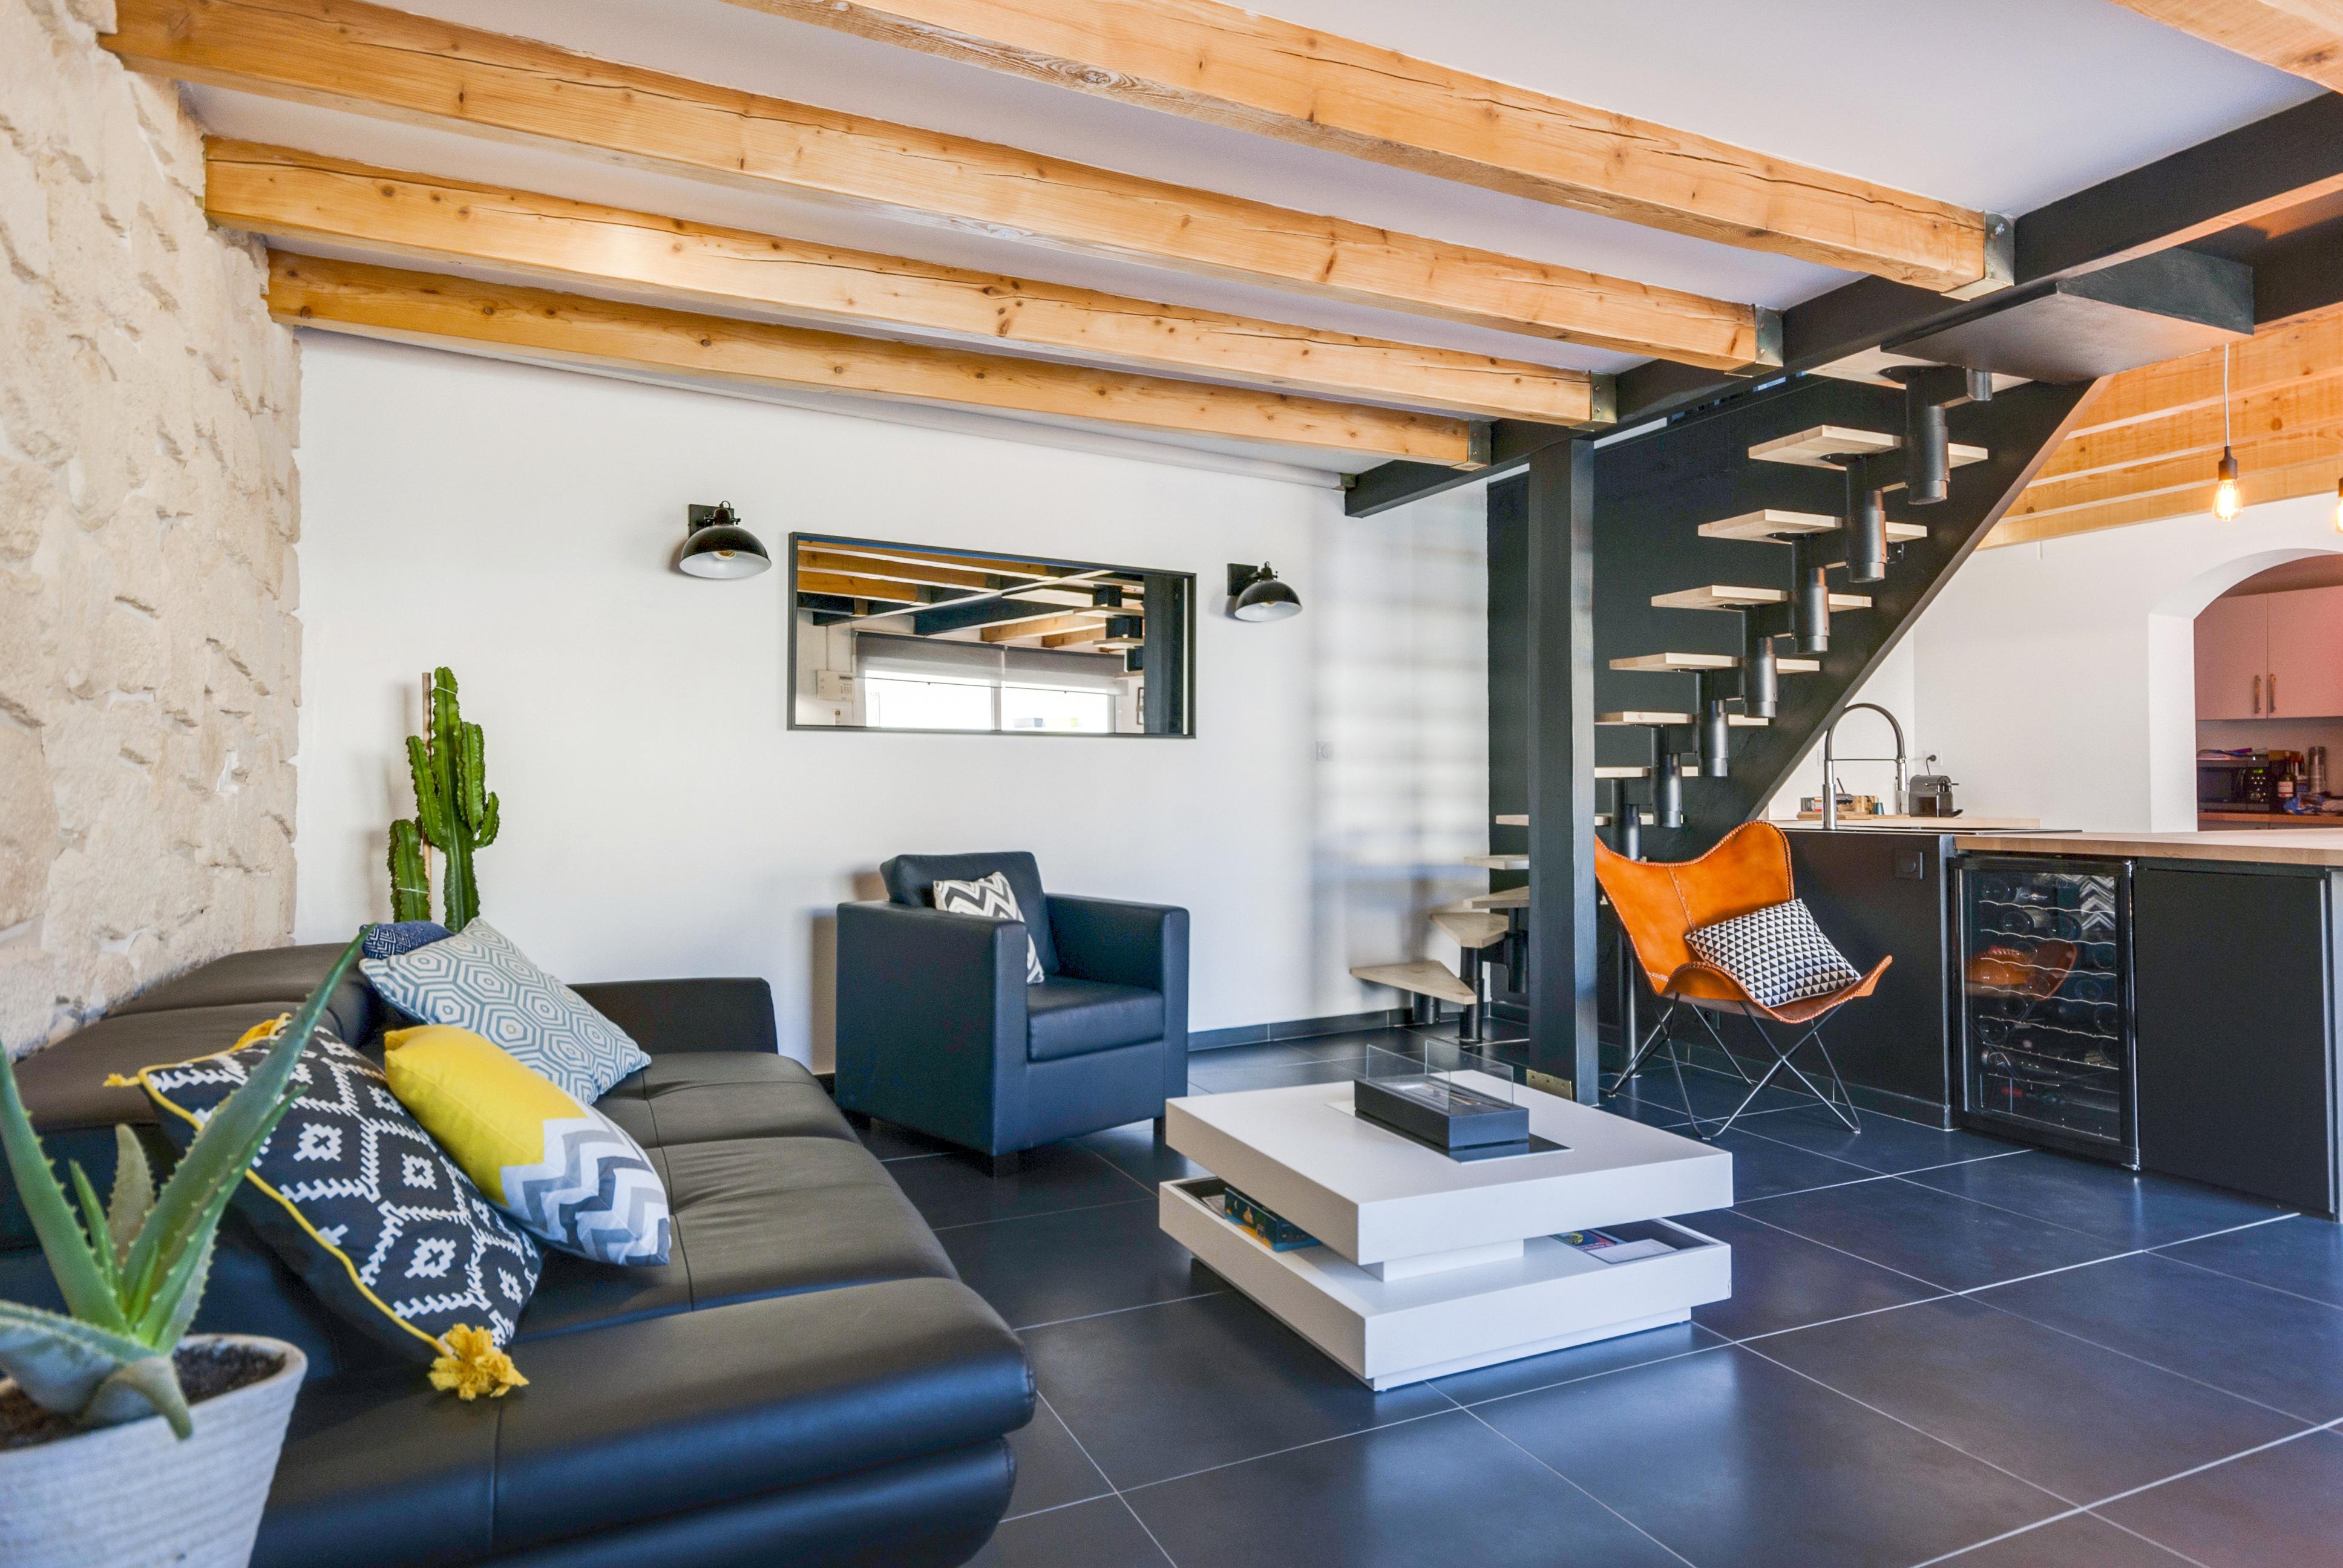 architecte dintrieur marseille architecte dintrieur lyon. Black Bedroom Furniture Sets. Home Design Ideas